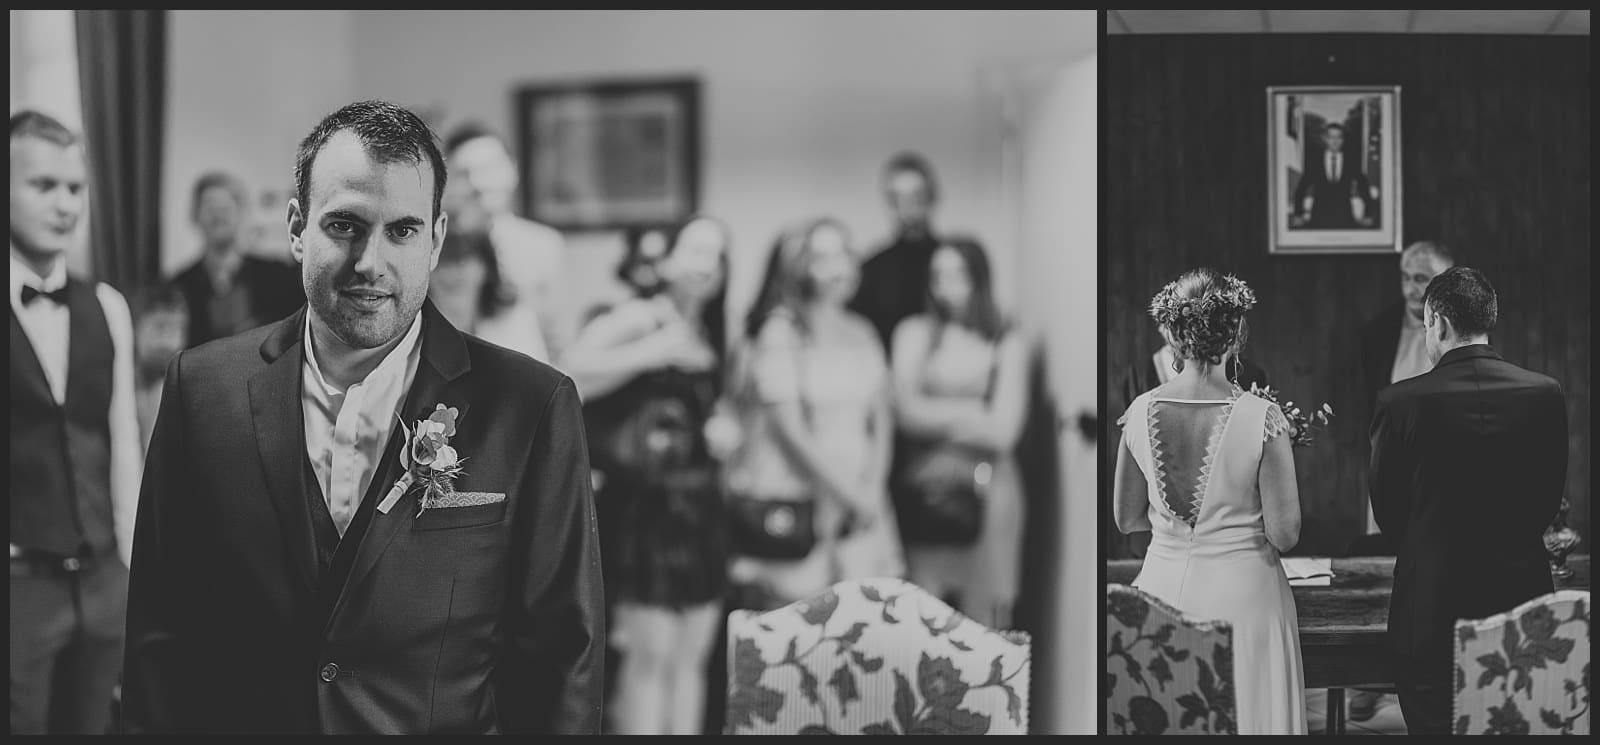 marié qui attend sa futur femme et mariée de dos face au maire